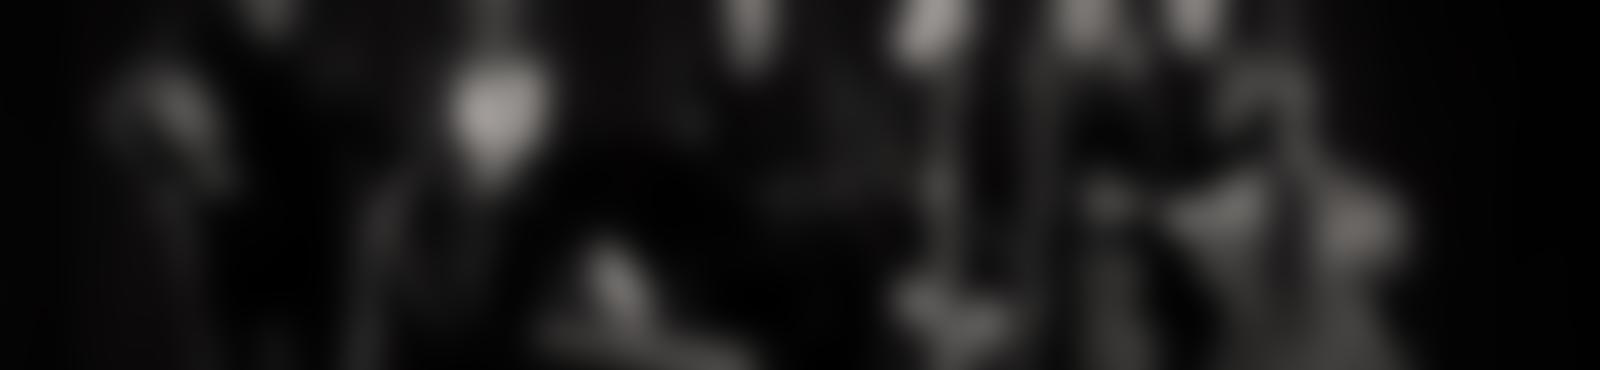 Blurred 1e943183 9474 4bcb 816e 2fd6fd400fa5